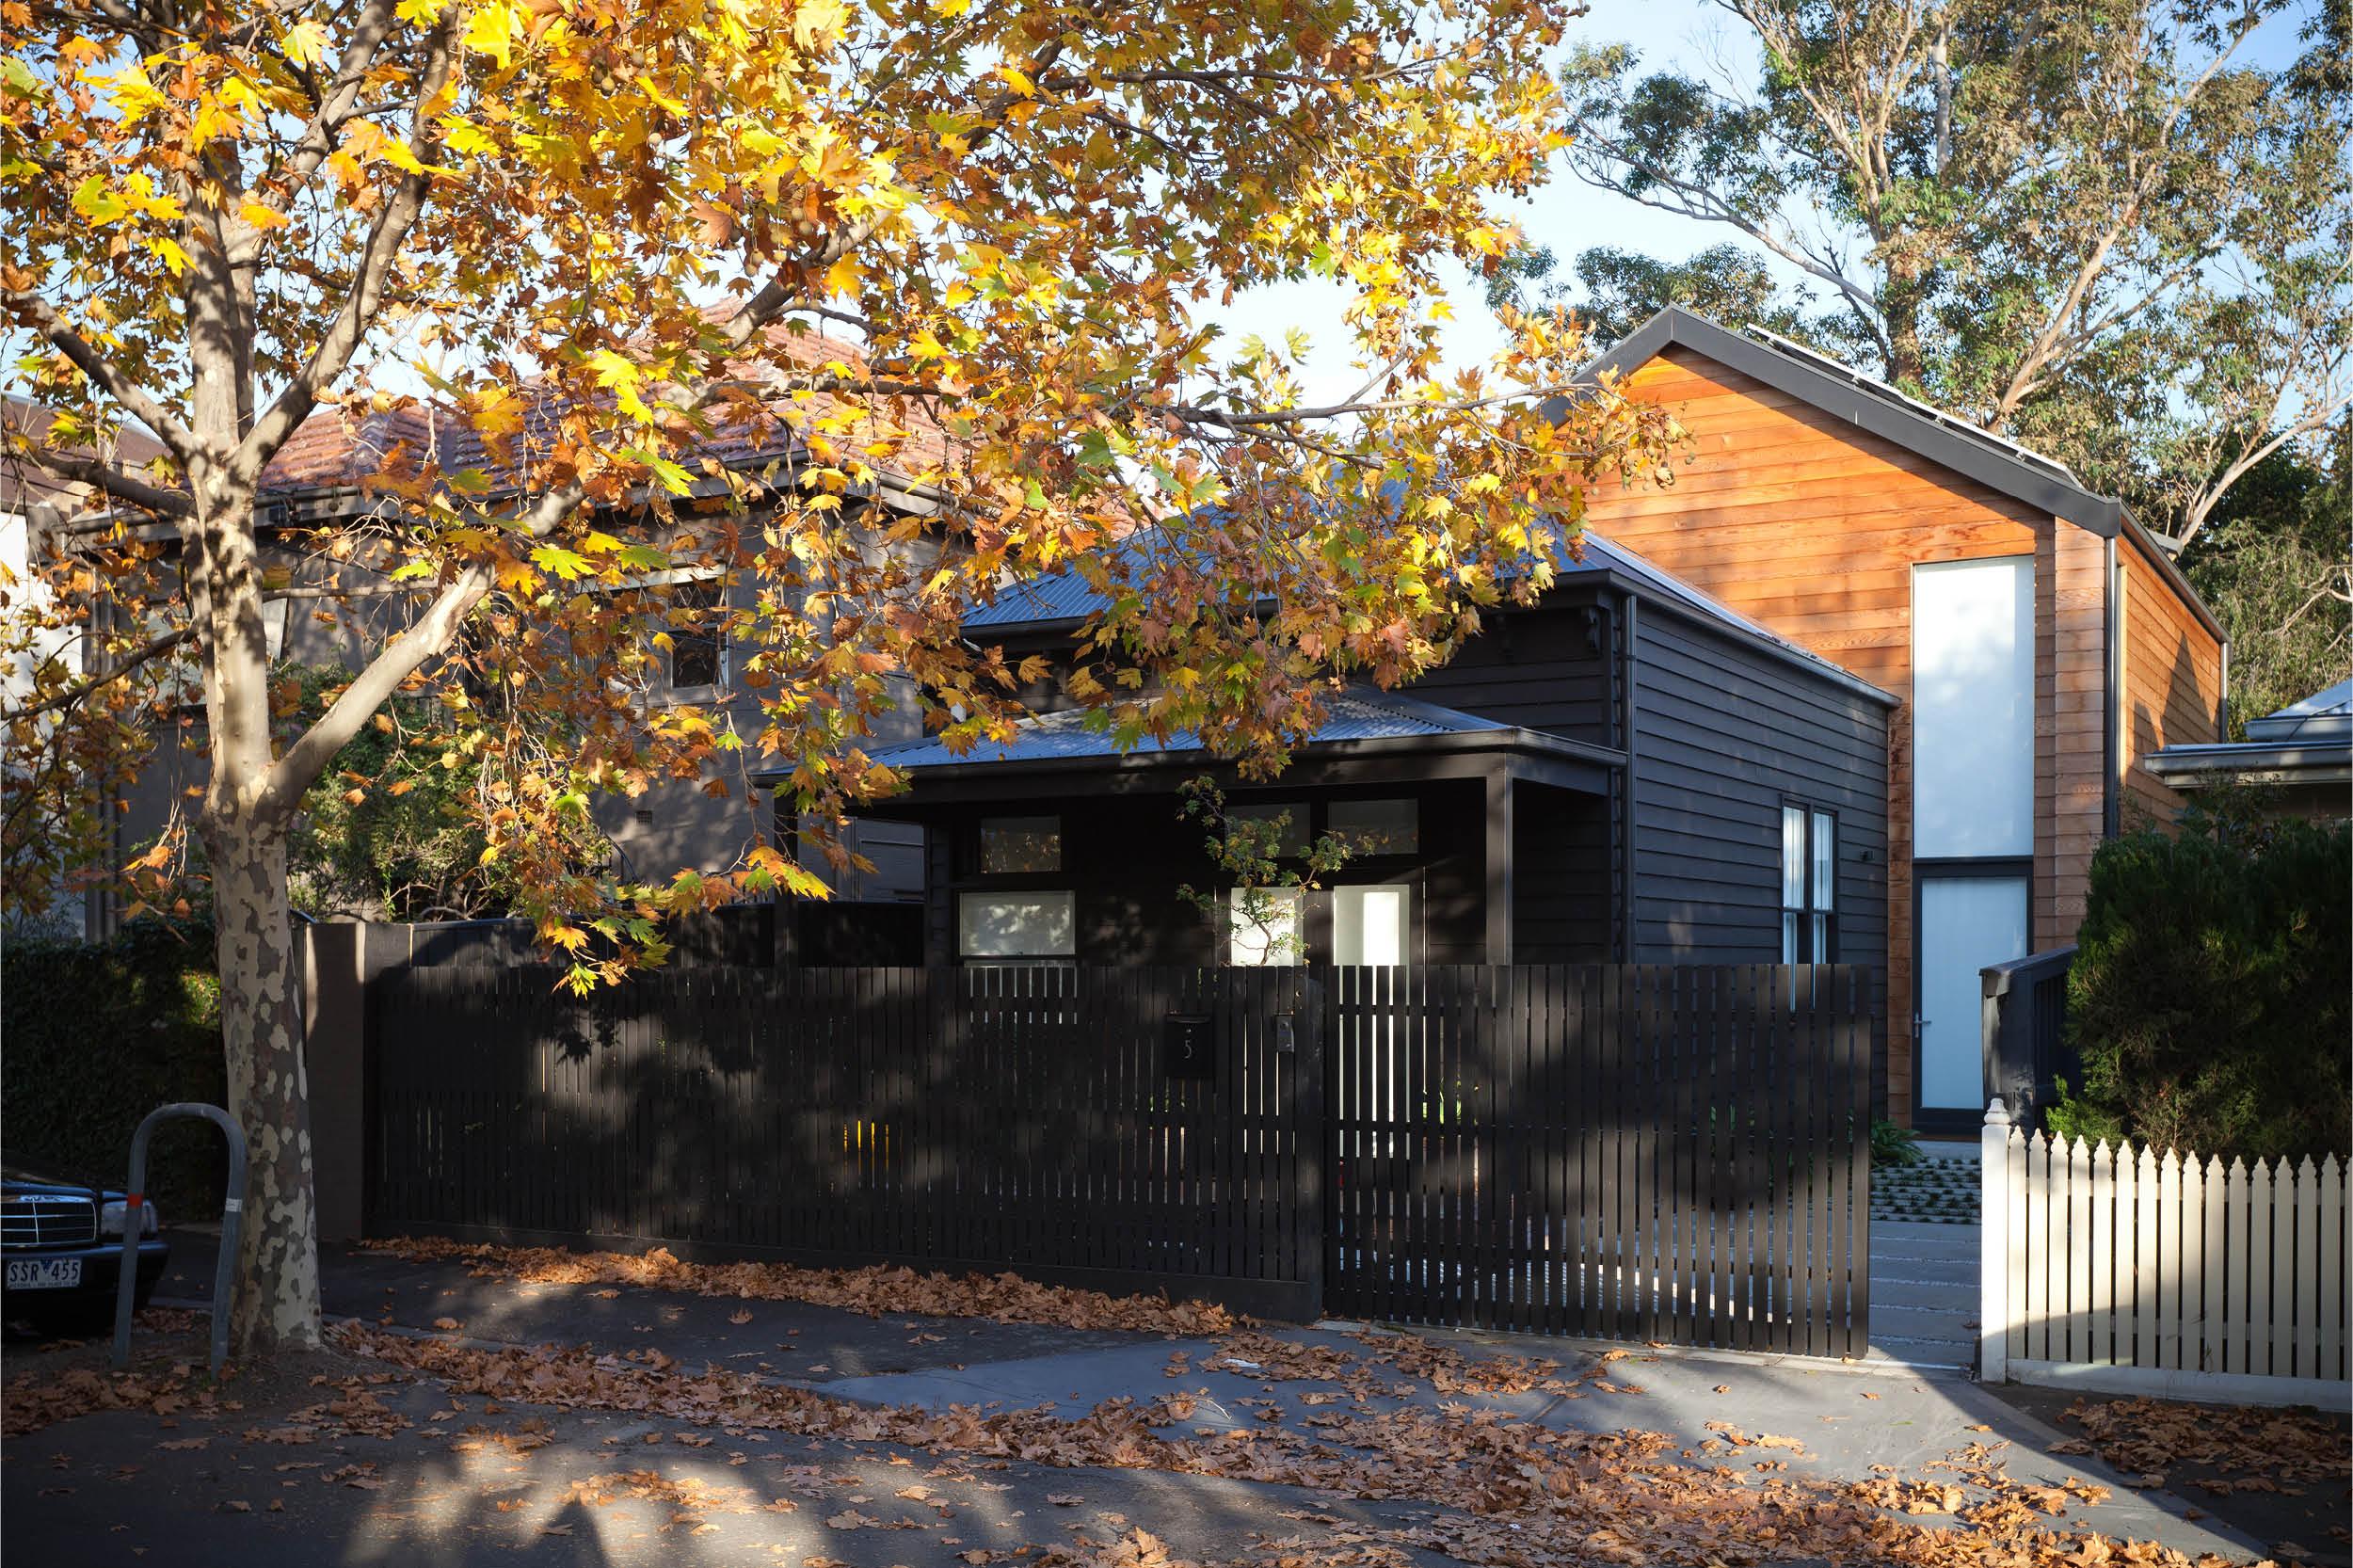 HOUSE BY THE PARK 23.11.2017.jpg